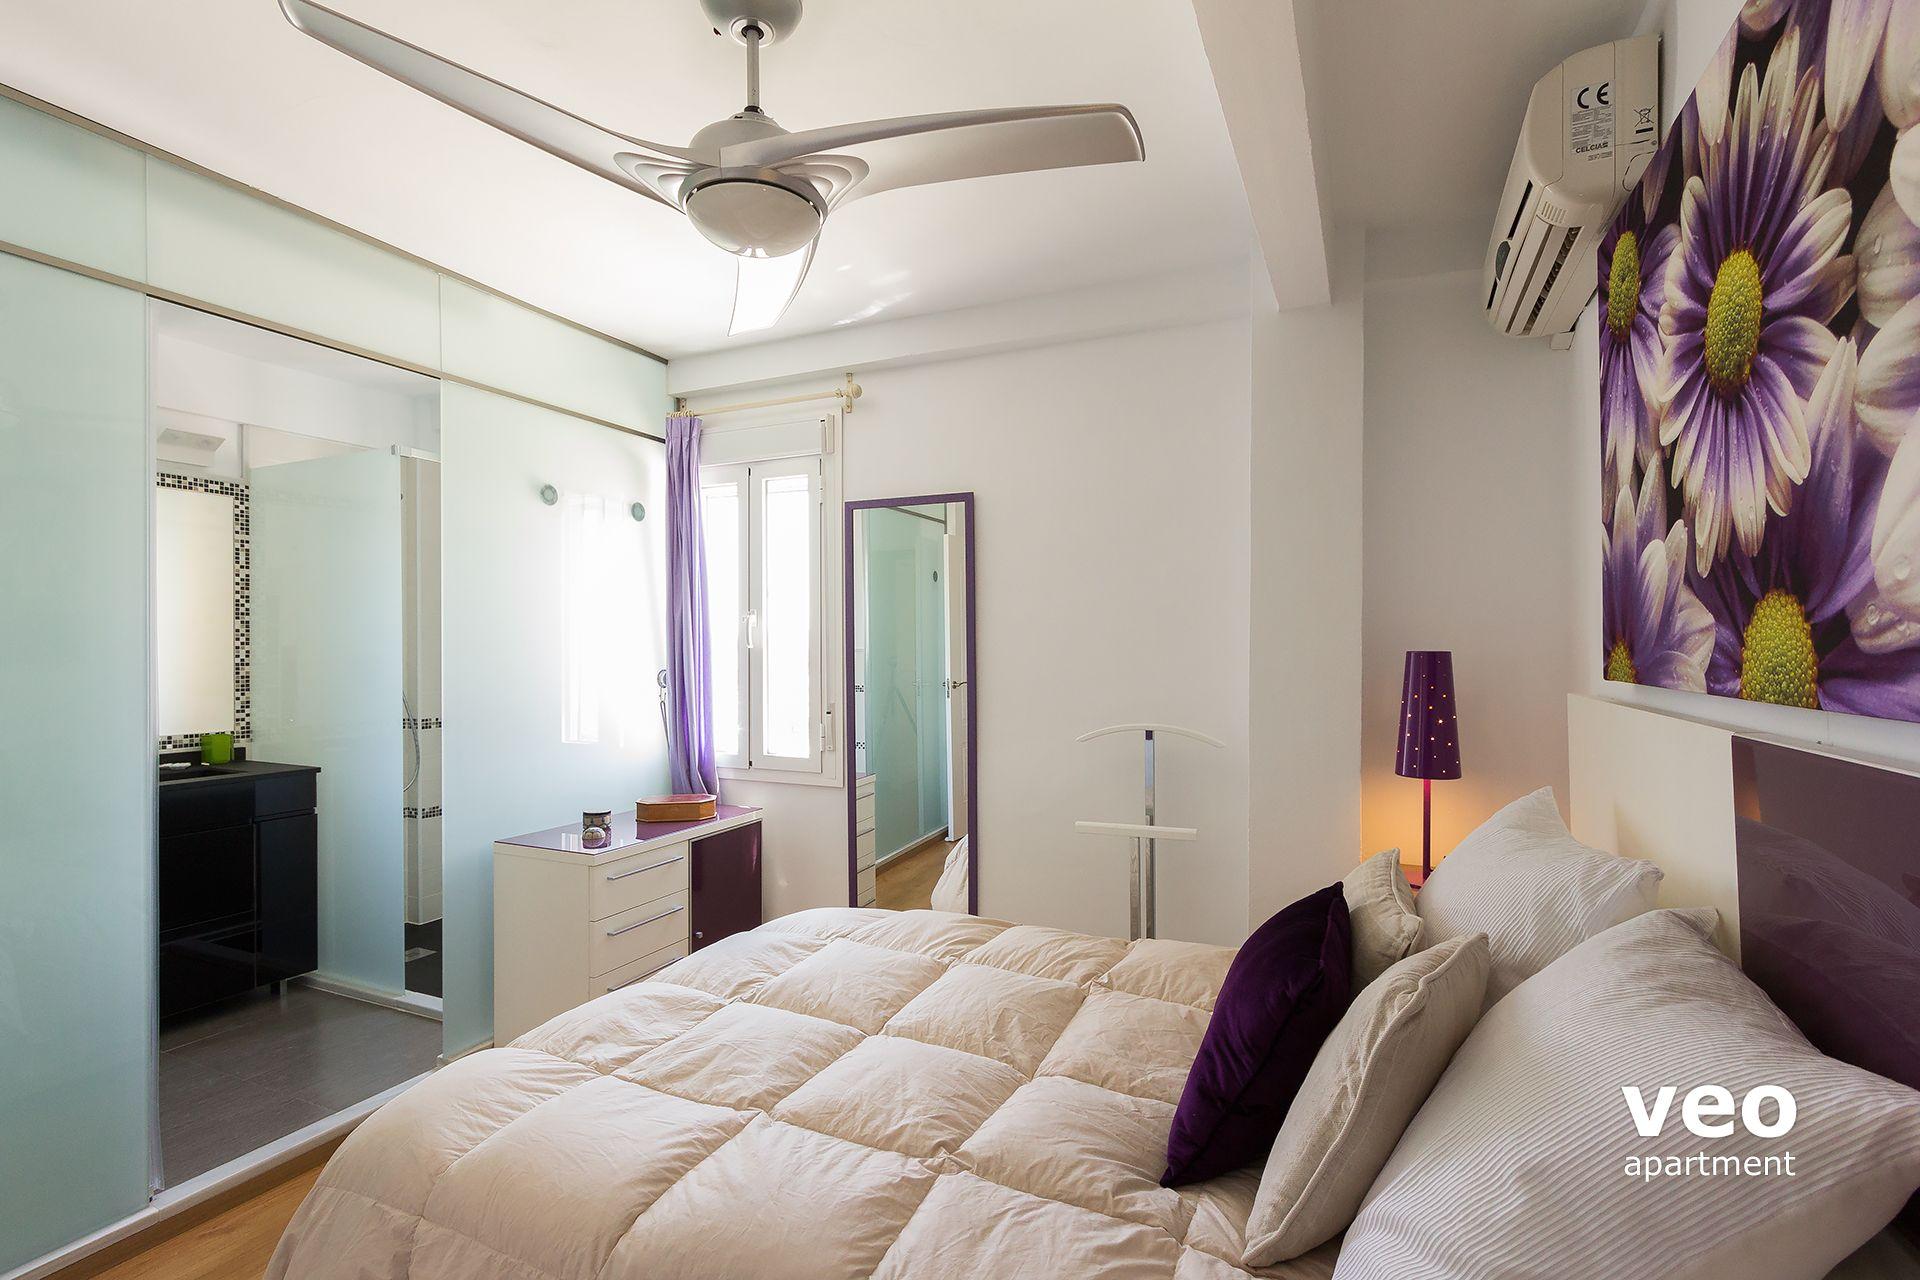 Sevilla apartmento calle espartinas sevilla espa a - Cuartos de bano sevilla ...